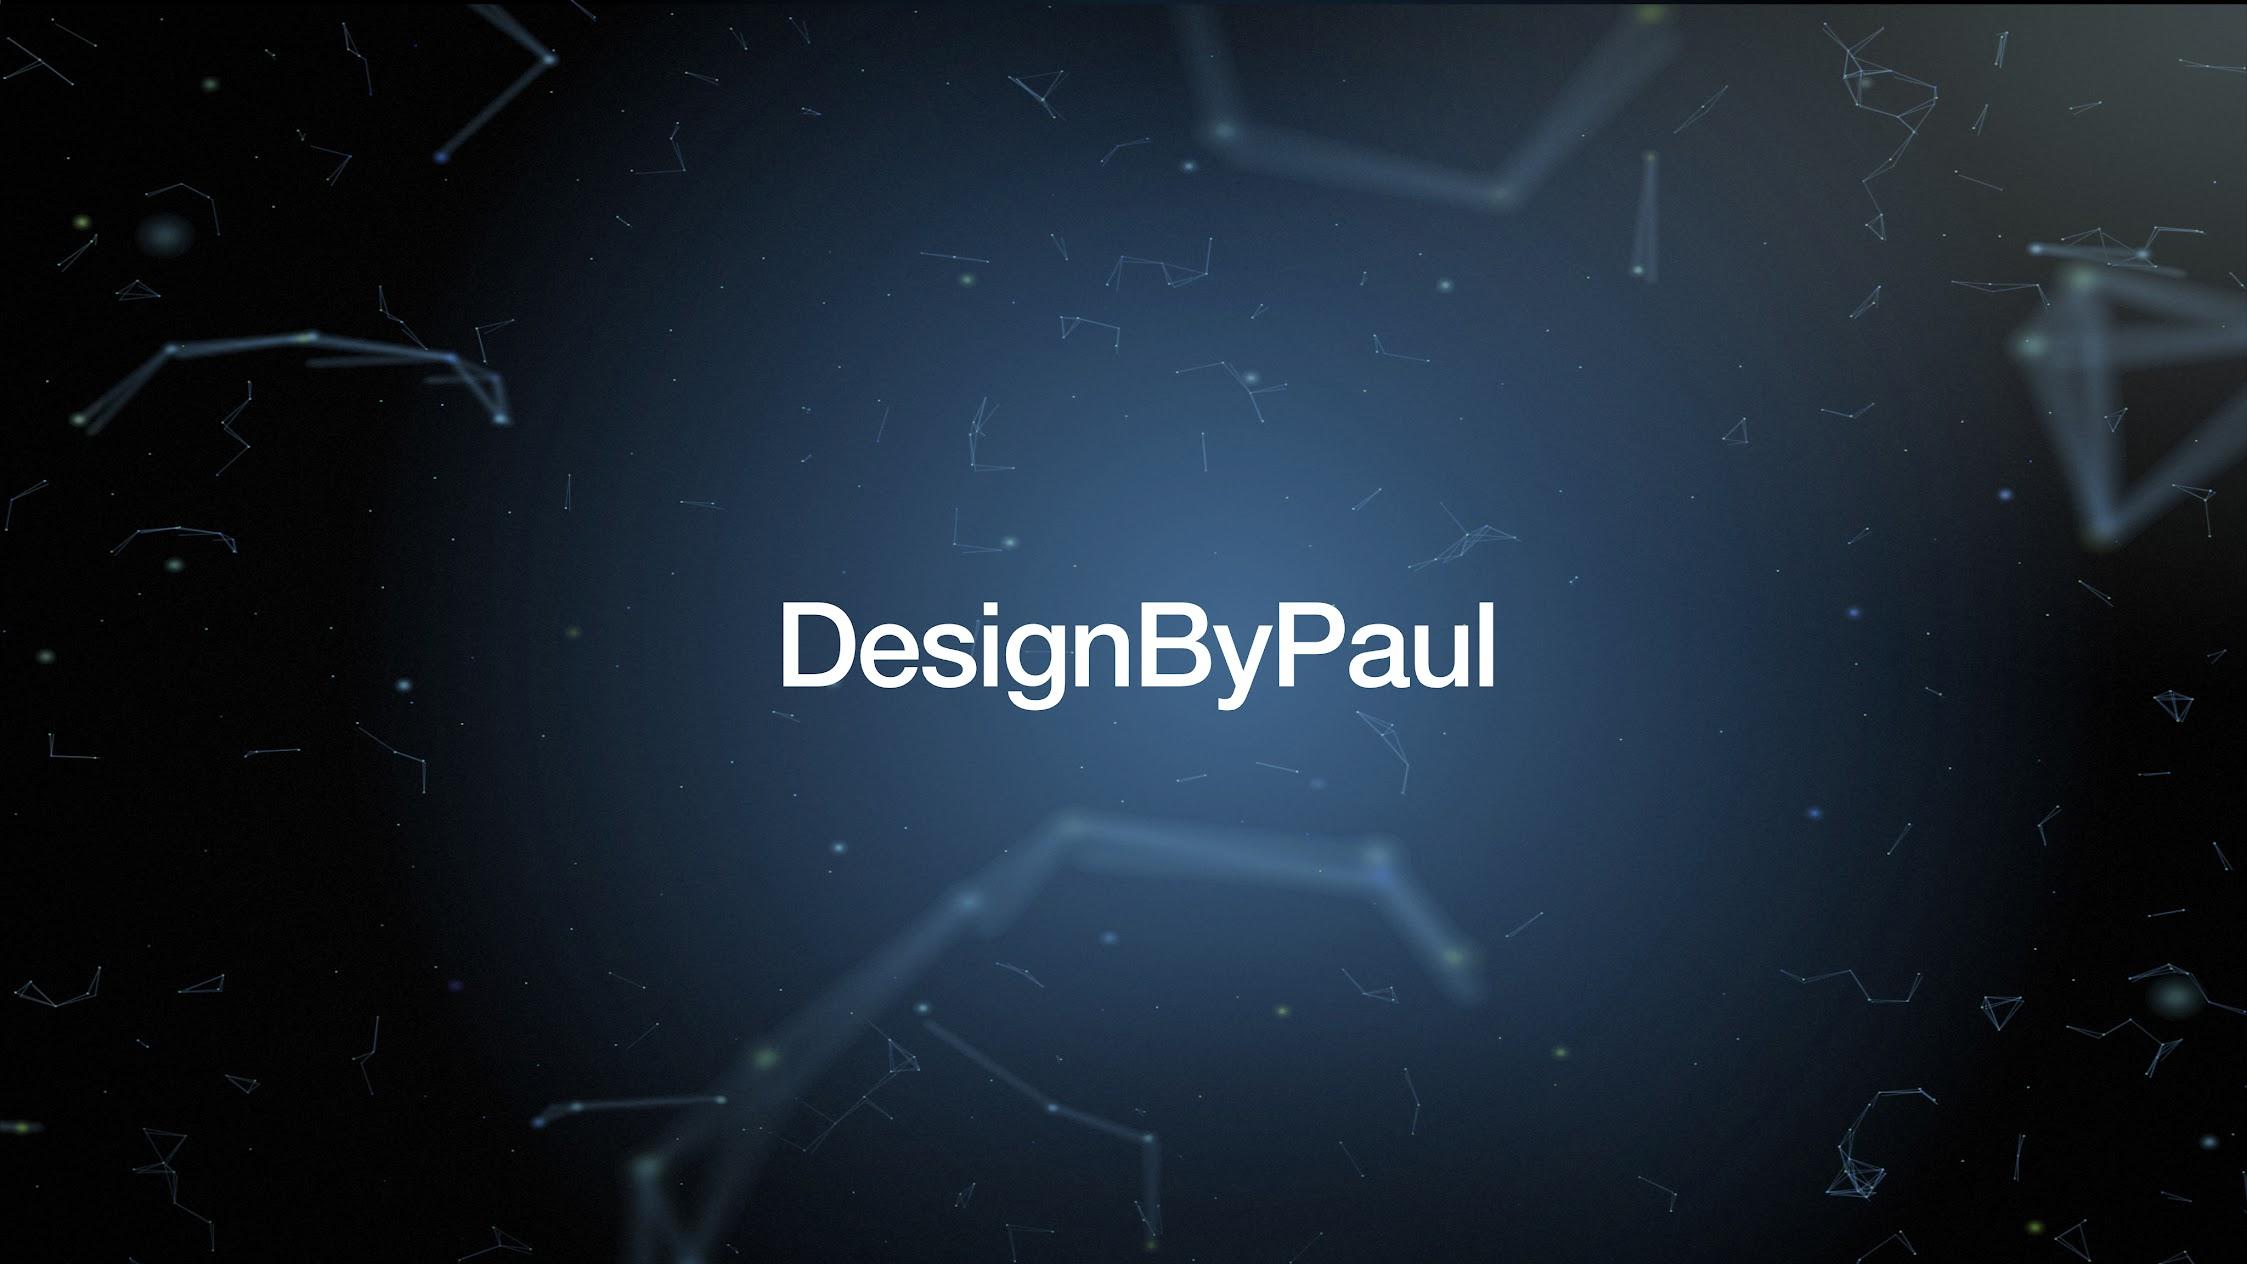 DesignByPaul